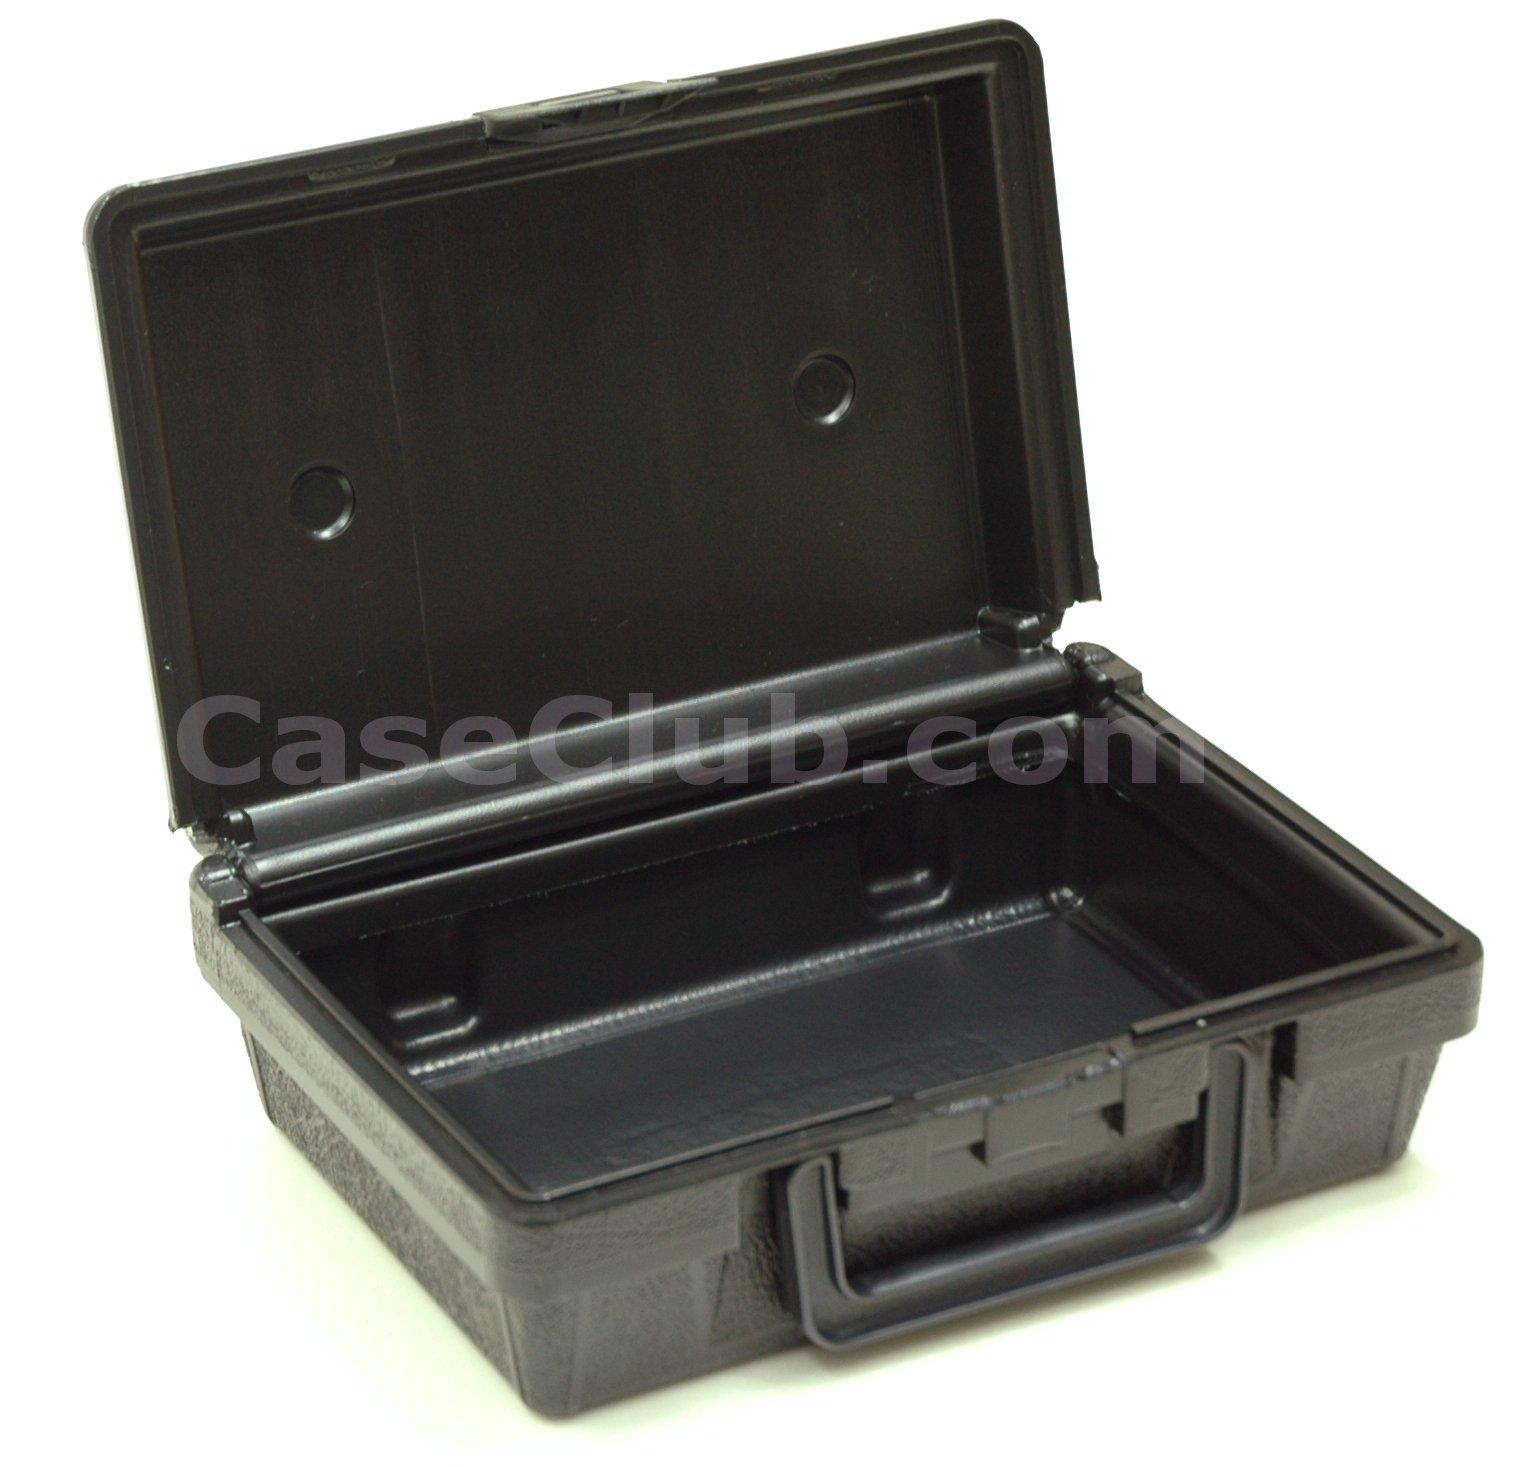 W9.5x6.5x3.5 Case